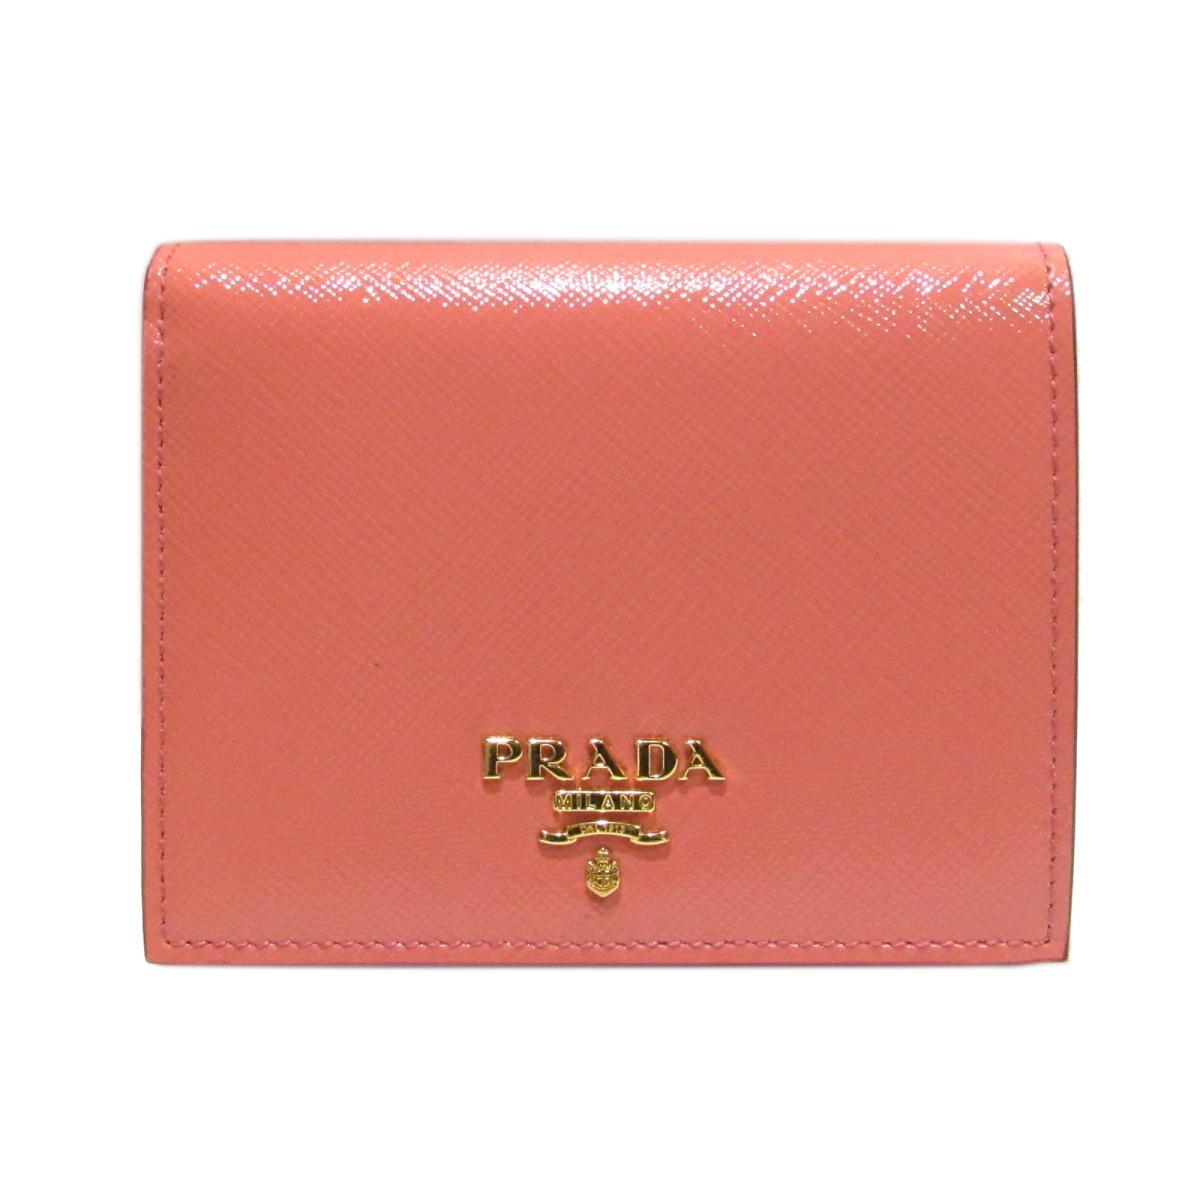 プラダ 二つ折財布 レディース エナメル x レザー ピンク | PRADA 財布 二つ折財布 新品 ブランドオフ